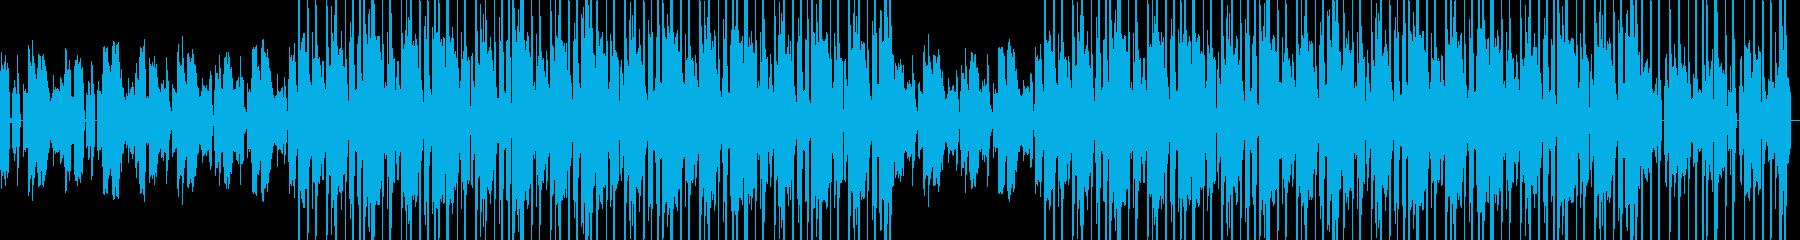 お洒落なヒップホップ・シティポップの再生済みの波形